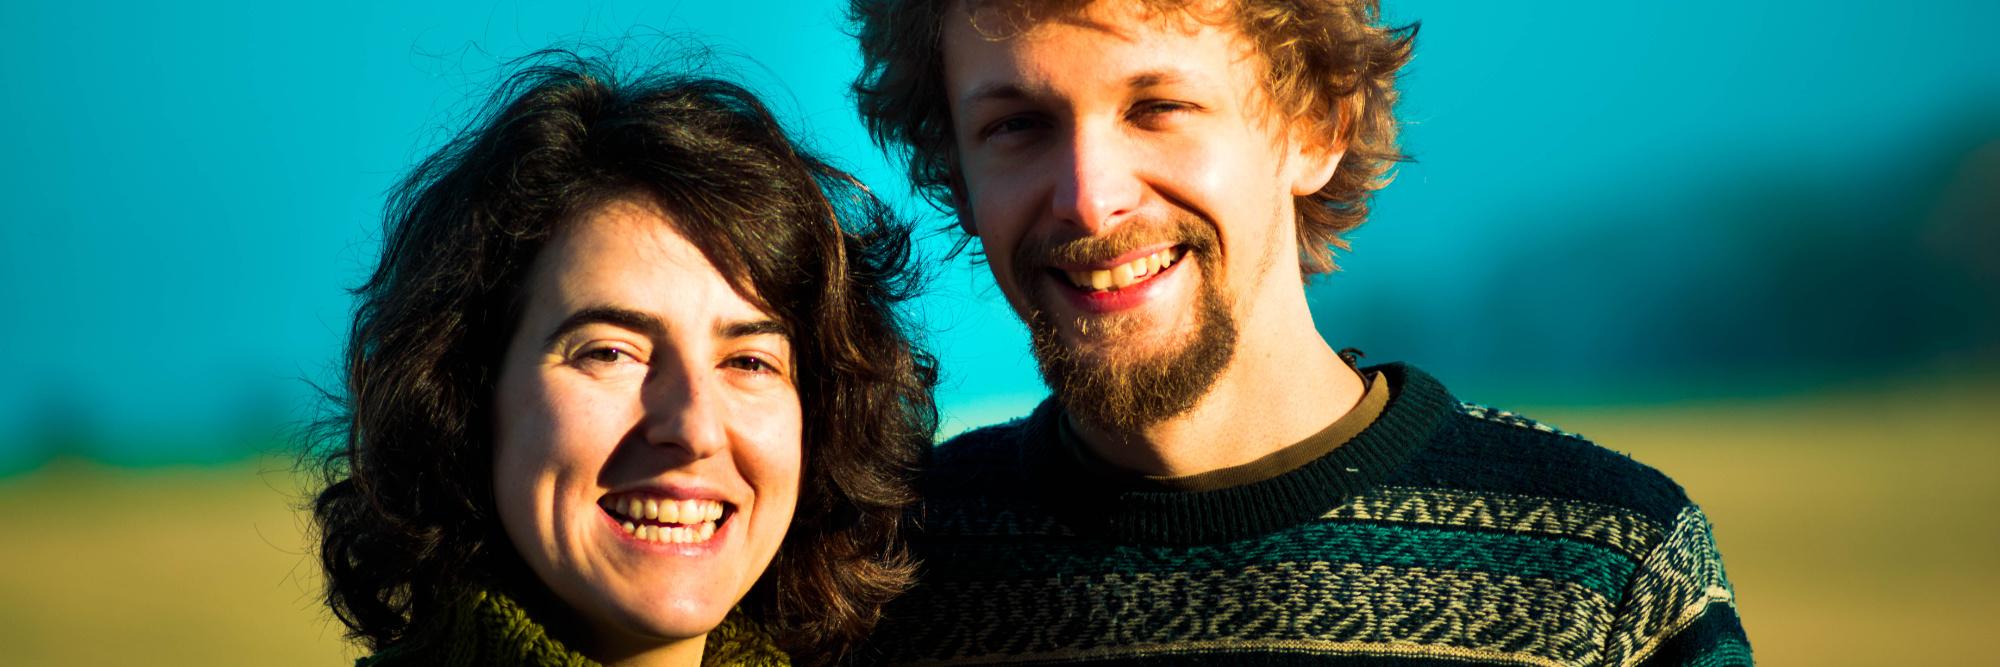 Catarina & Markus.jpg